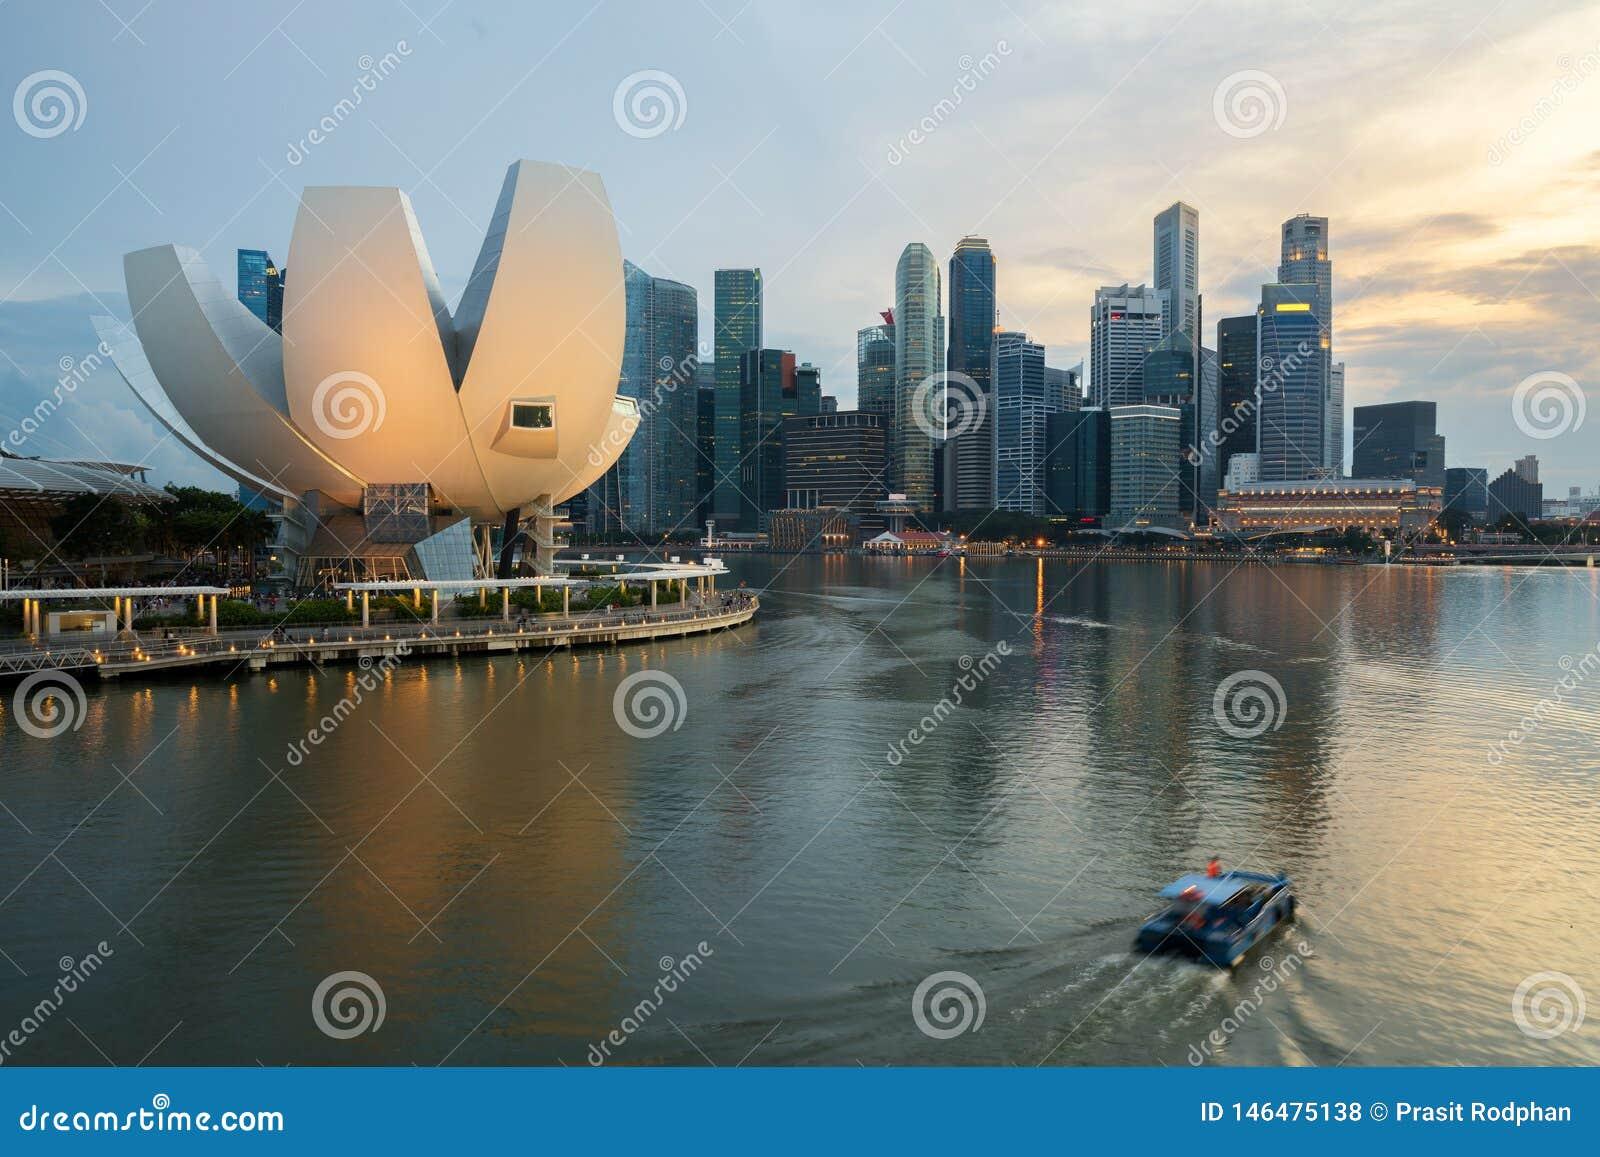 Горизонт делового района Сингапура и небоскреб Сингапура в ночи на заливе Марины ashurbanipal